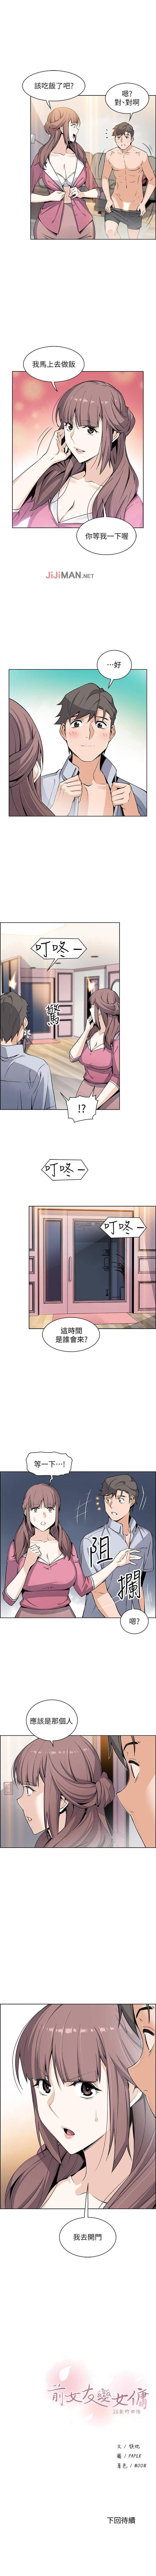 【周四连载】前女友变女佣(作者:PAPER&頸枕) 第1~33话 186